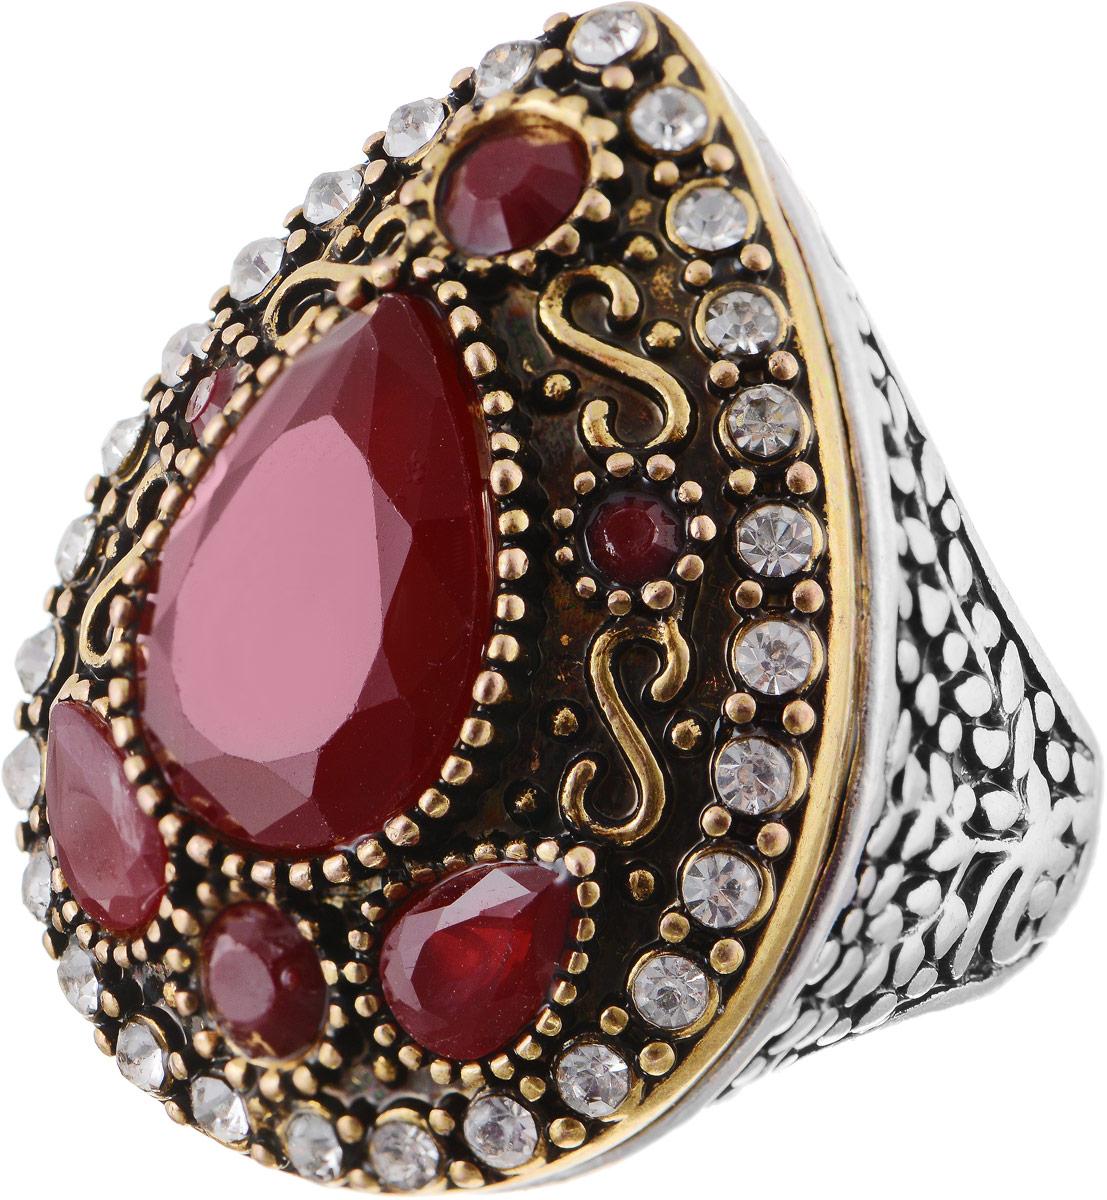 Кольцо Bradex Кармен, цвет: золотой, серебряный, бордовый. AS 0015. Размер 19AS 0014Кольцо Bradex Кармен выполнено из металлического сплава. Декоративный элемент выполнен в форме капли, оформленной вставками из искусственных камней и страз.